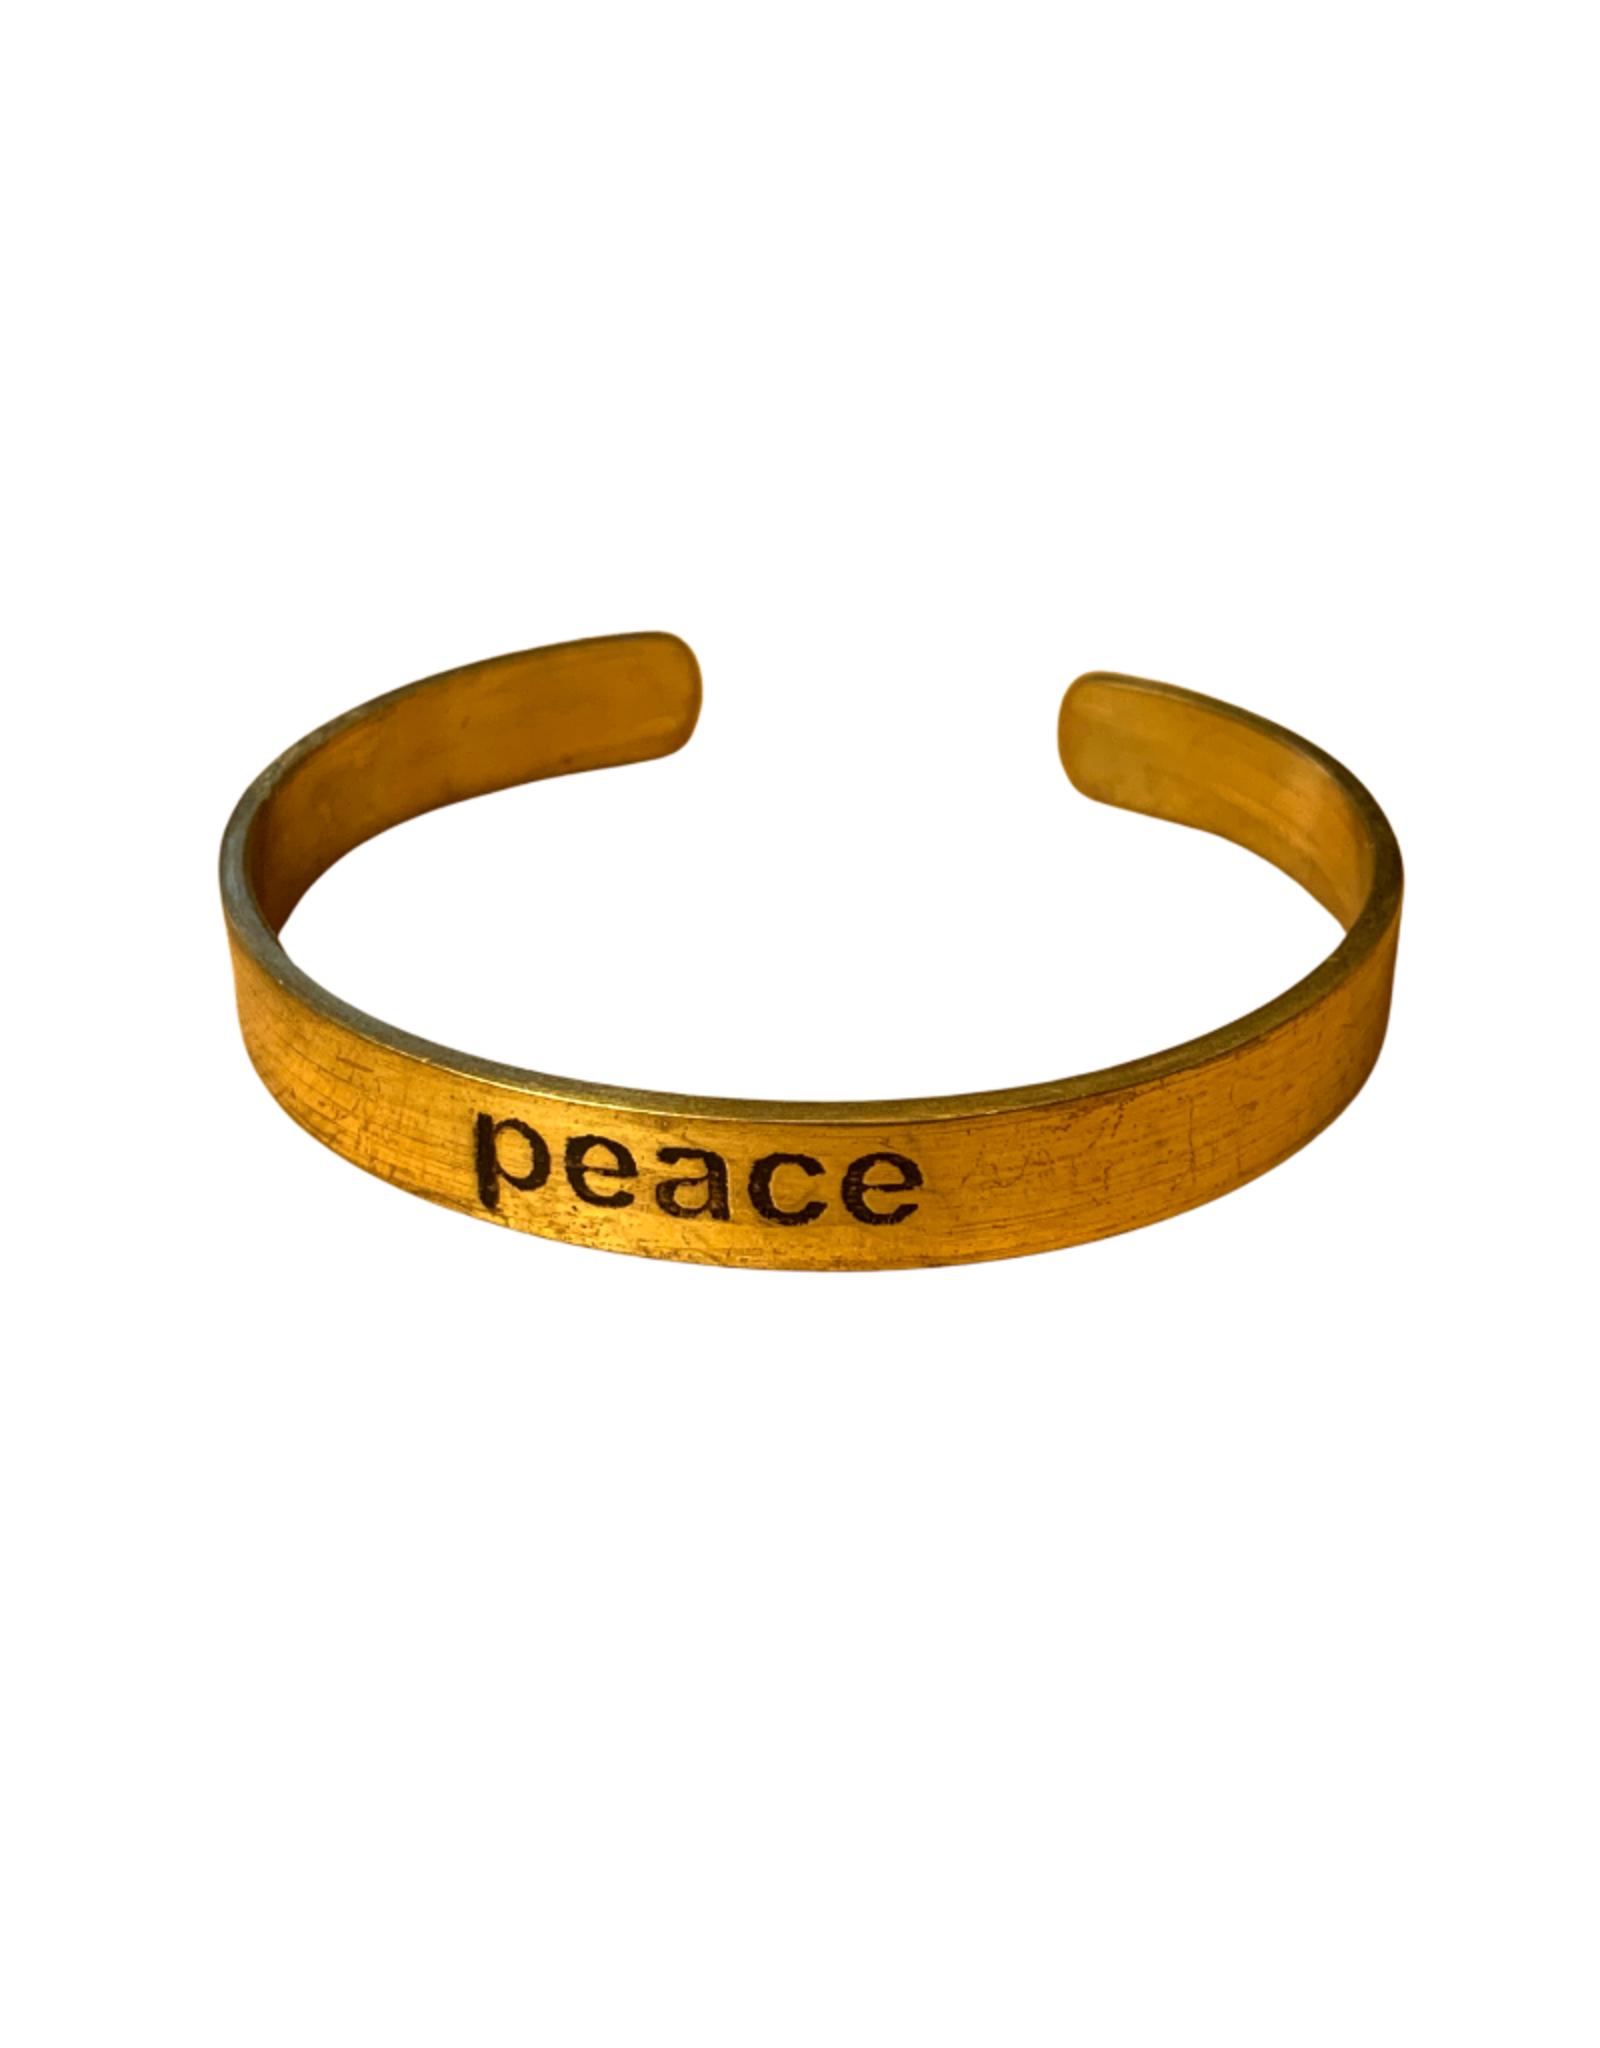 Brass Peace Cuff